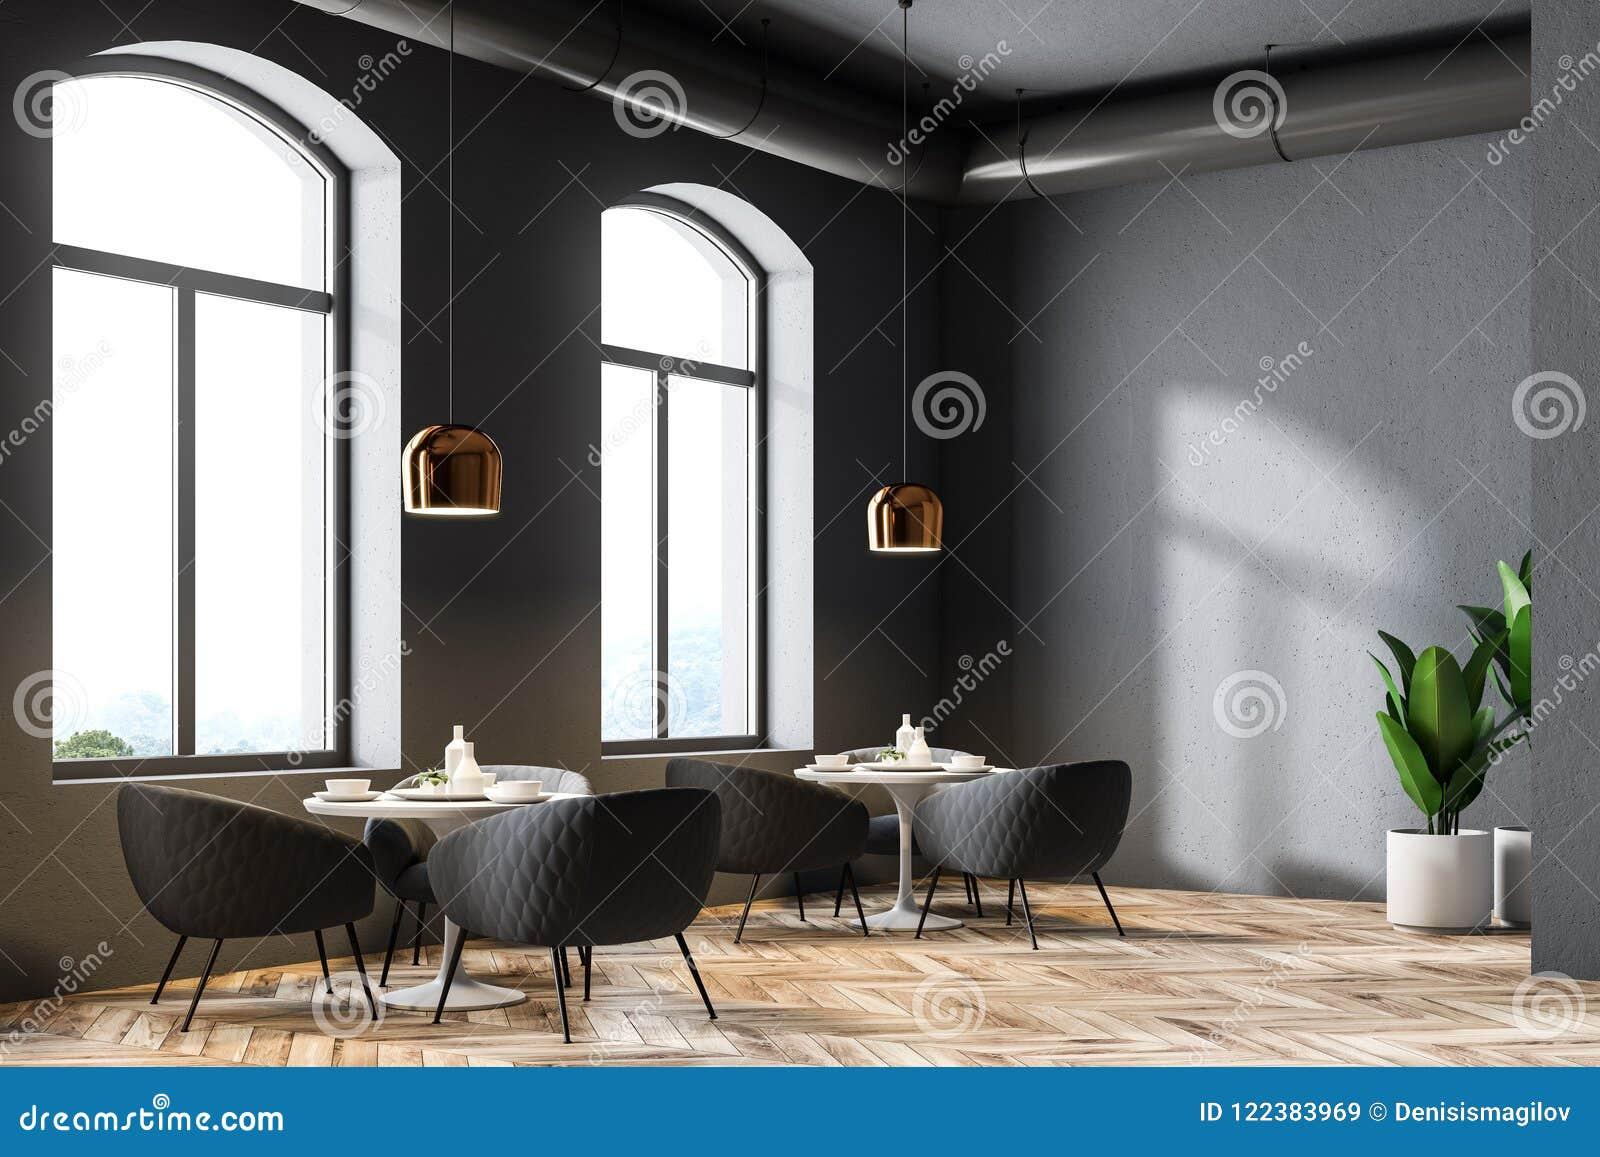 68d9604c3dd2 Esquina moderna del restaurante con las paredes grises, las ventanas  grandes, un piso de madera y las mesas redondas con las butacas mofa de la  ...